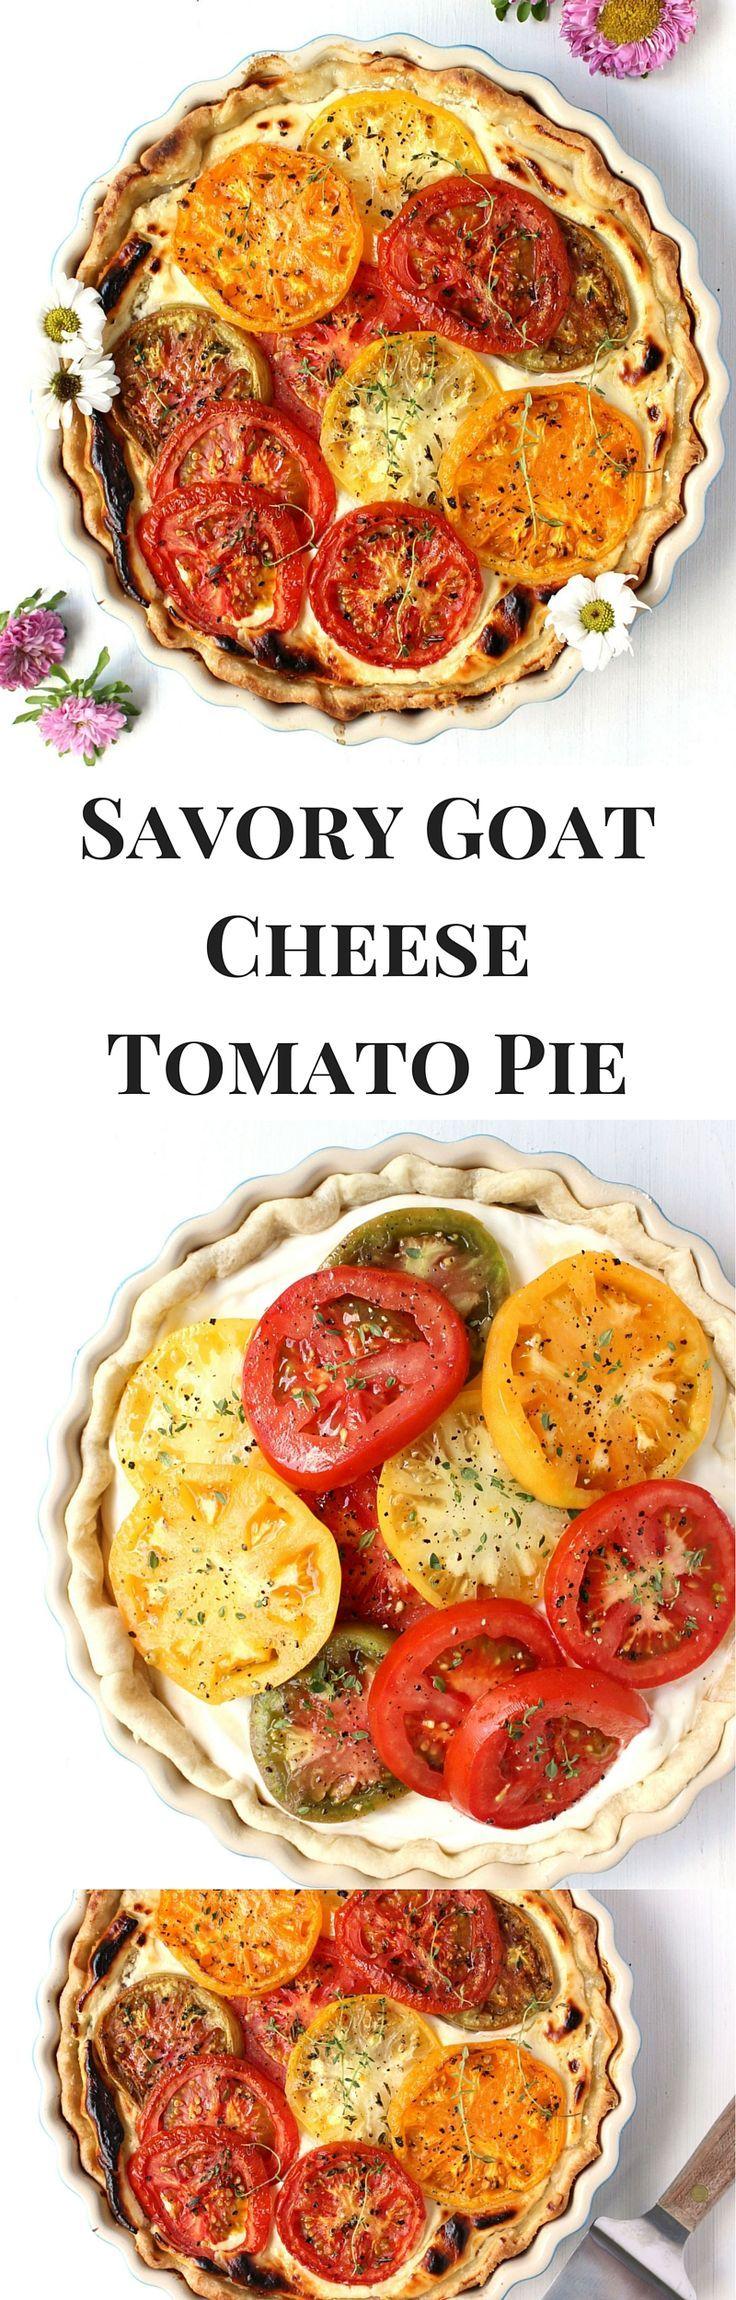 100+ Tomato Pie Recipes on Pinterest | Cherry Tomato Pie, Pie Recipes ...